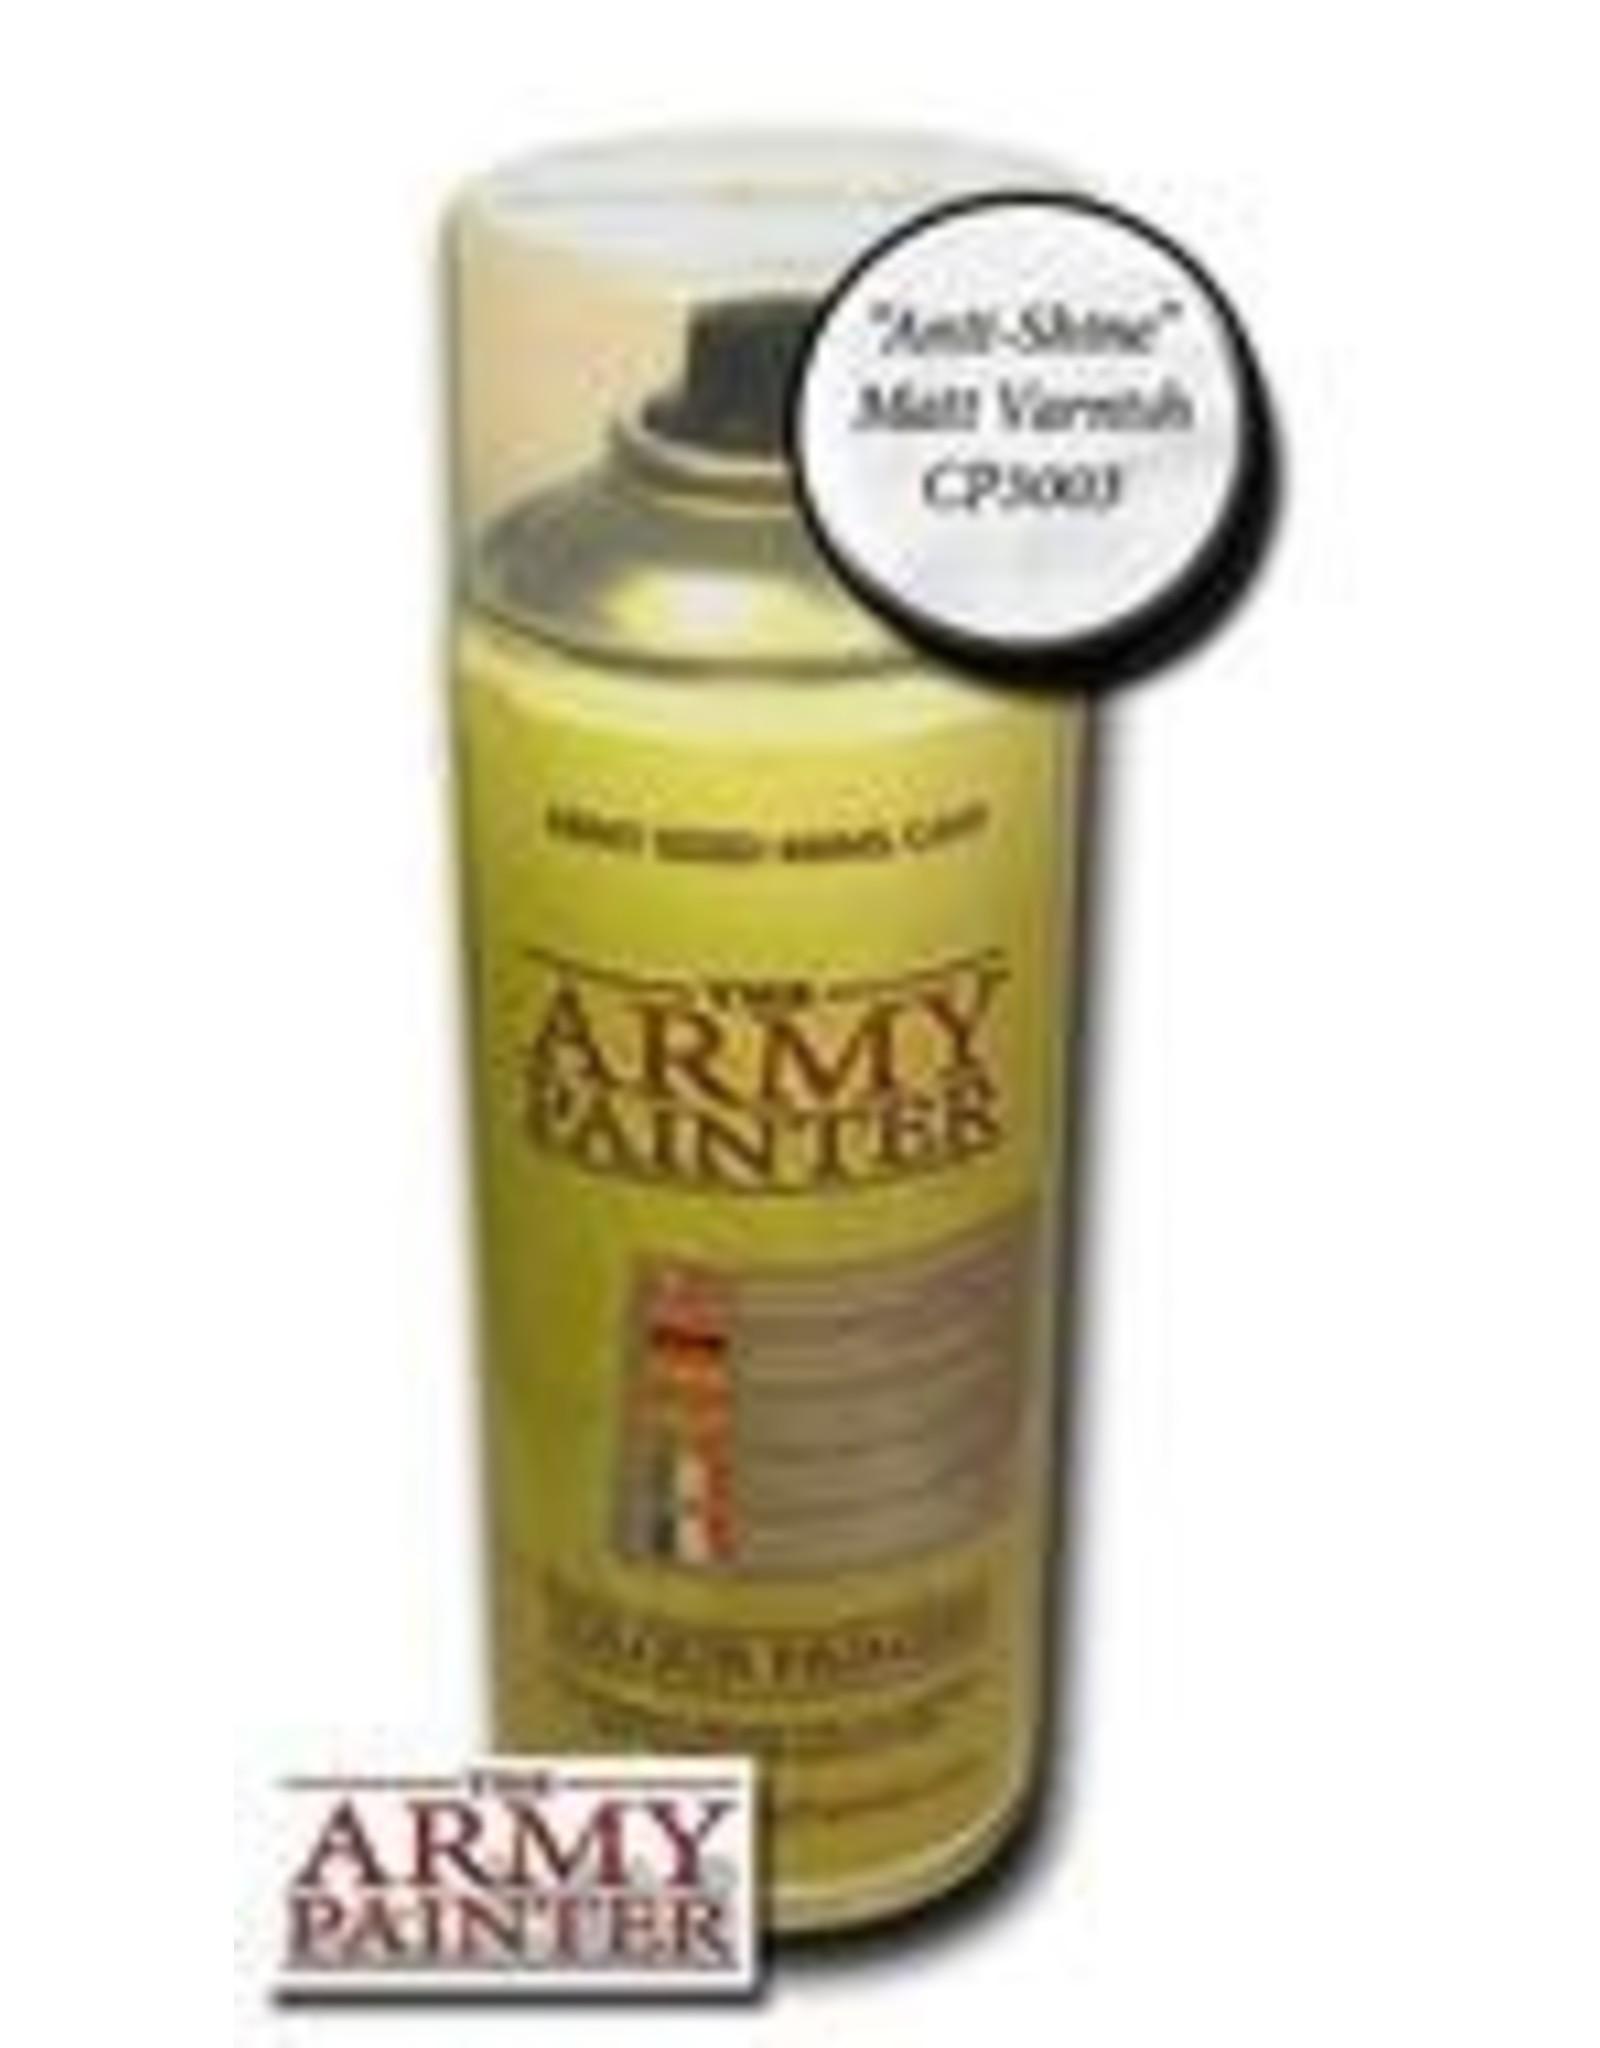 Army Painter Army Painter Spray: Anti-Shine Matte Varnish